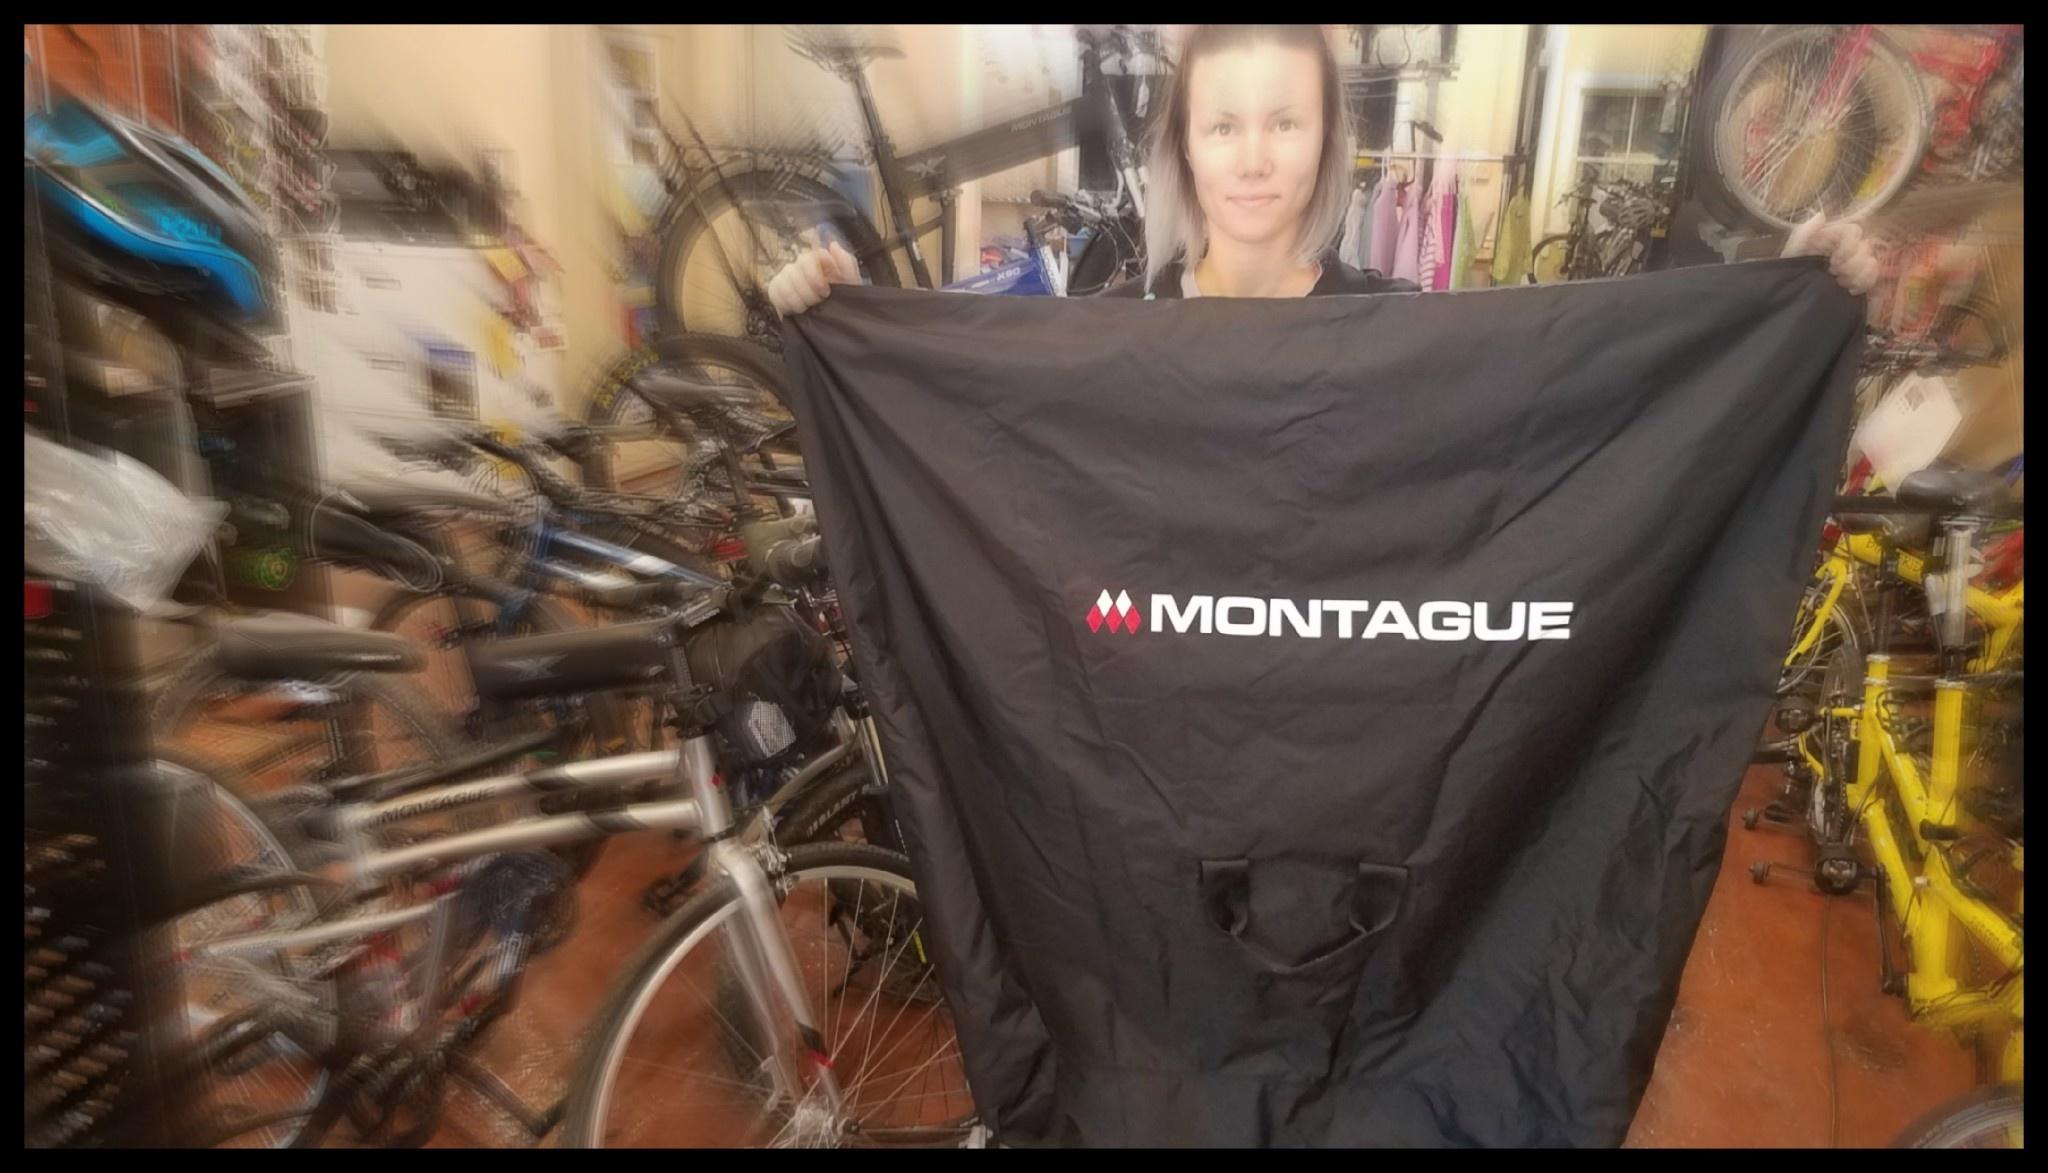 Montague Montague, Carrying Case 420